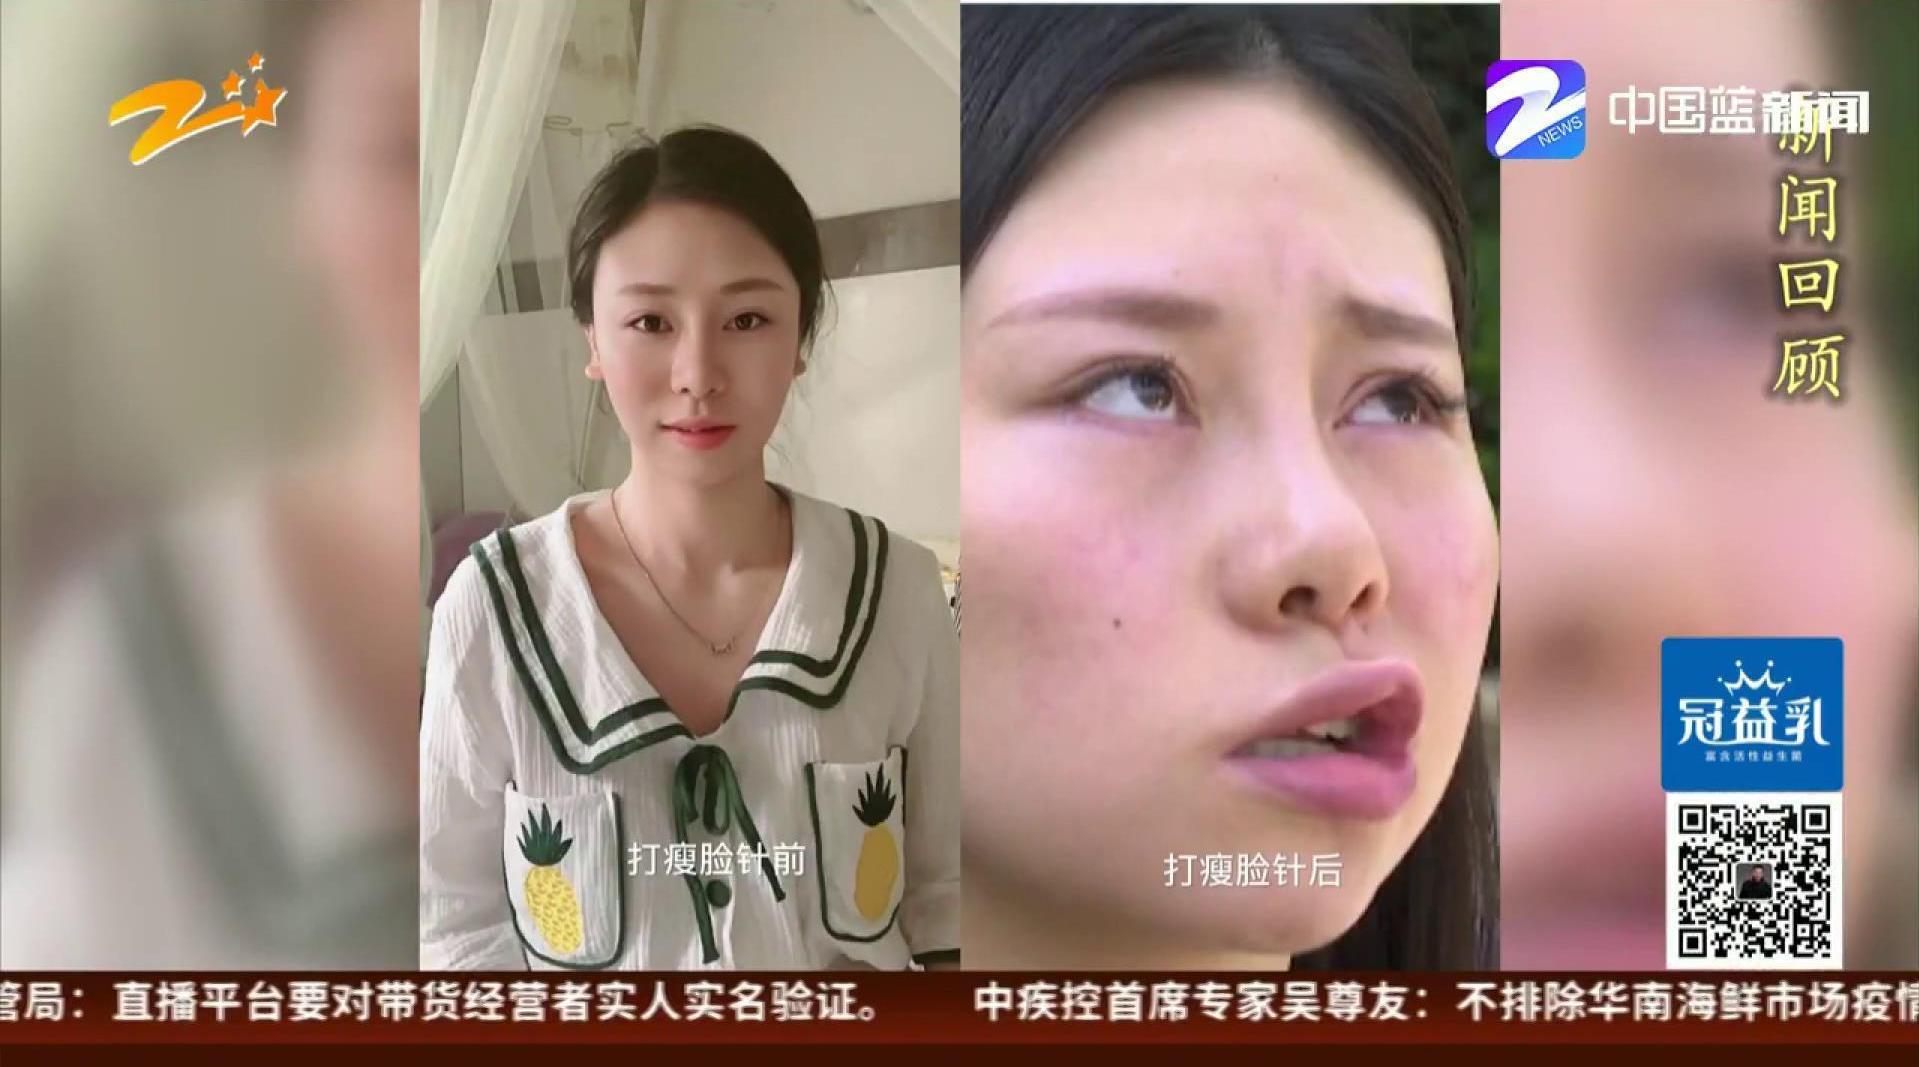 29岁姑娘打瘦脸针后面瘫基本恢复 整形机构承担全部费用